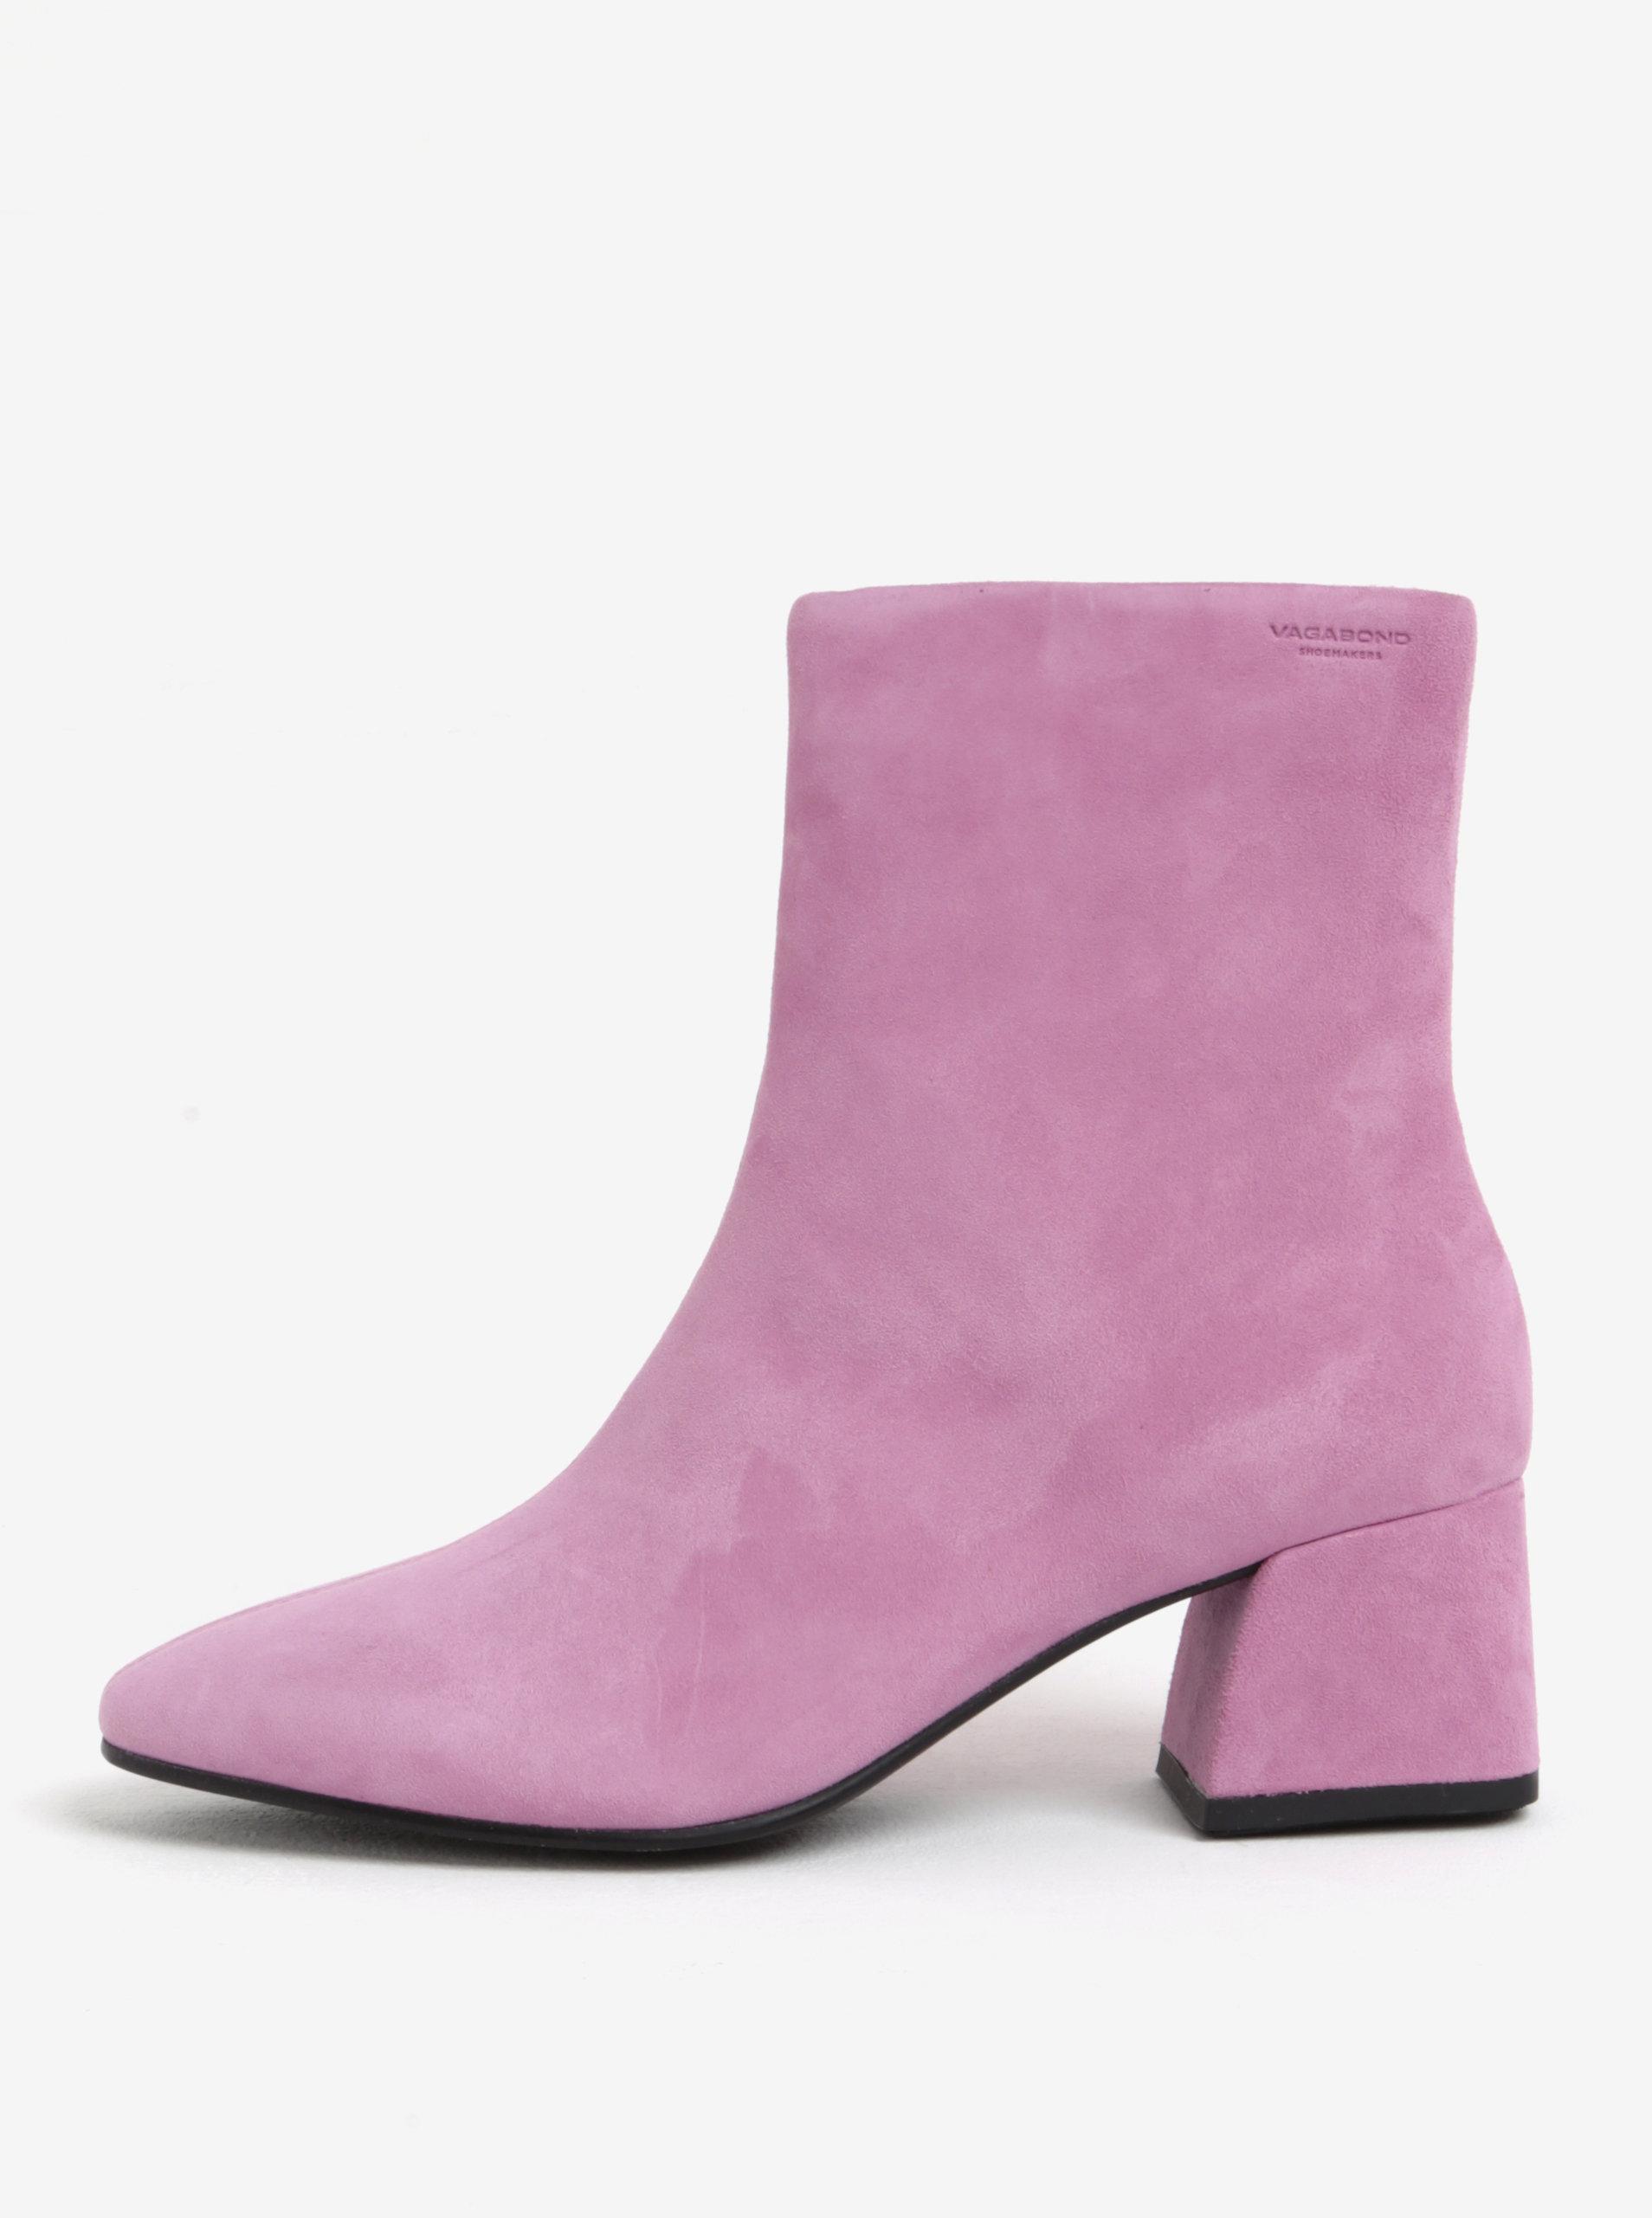 Ružové dámske semišové členkové topánky na podpätku Vagabond Alice ... b7e8104a62